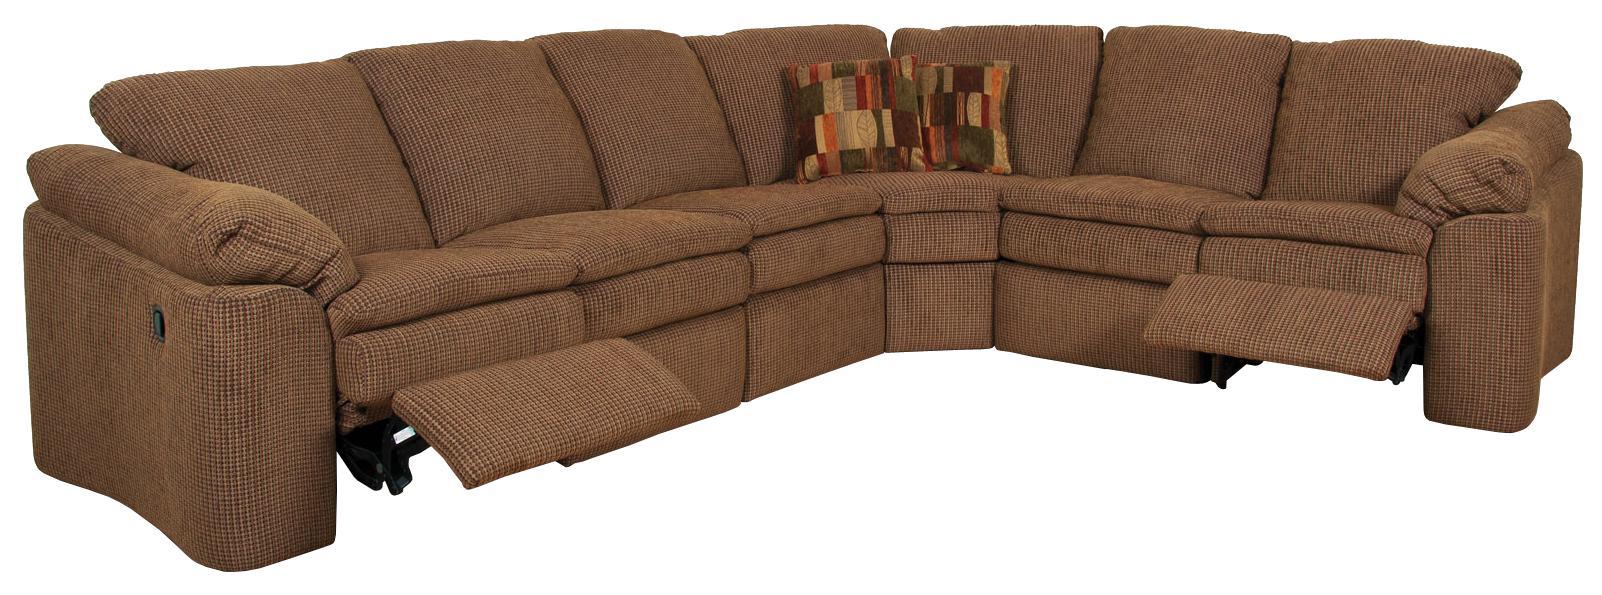 Microfiber Vs Bonded Leather Sofa